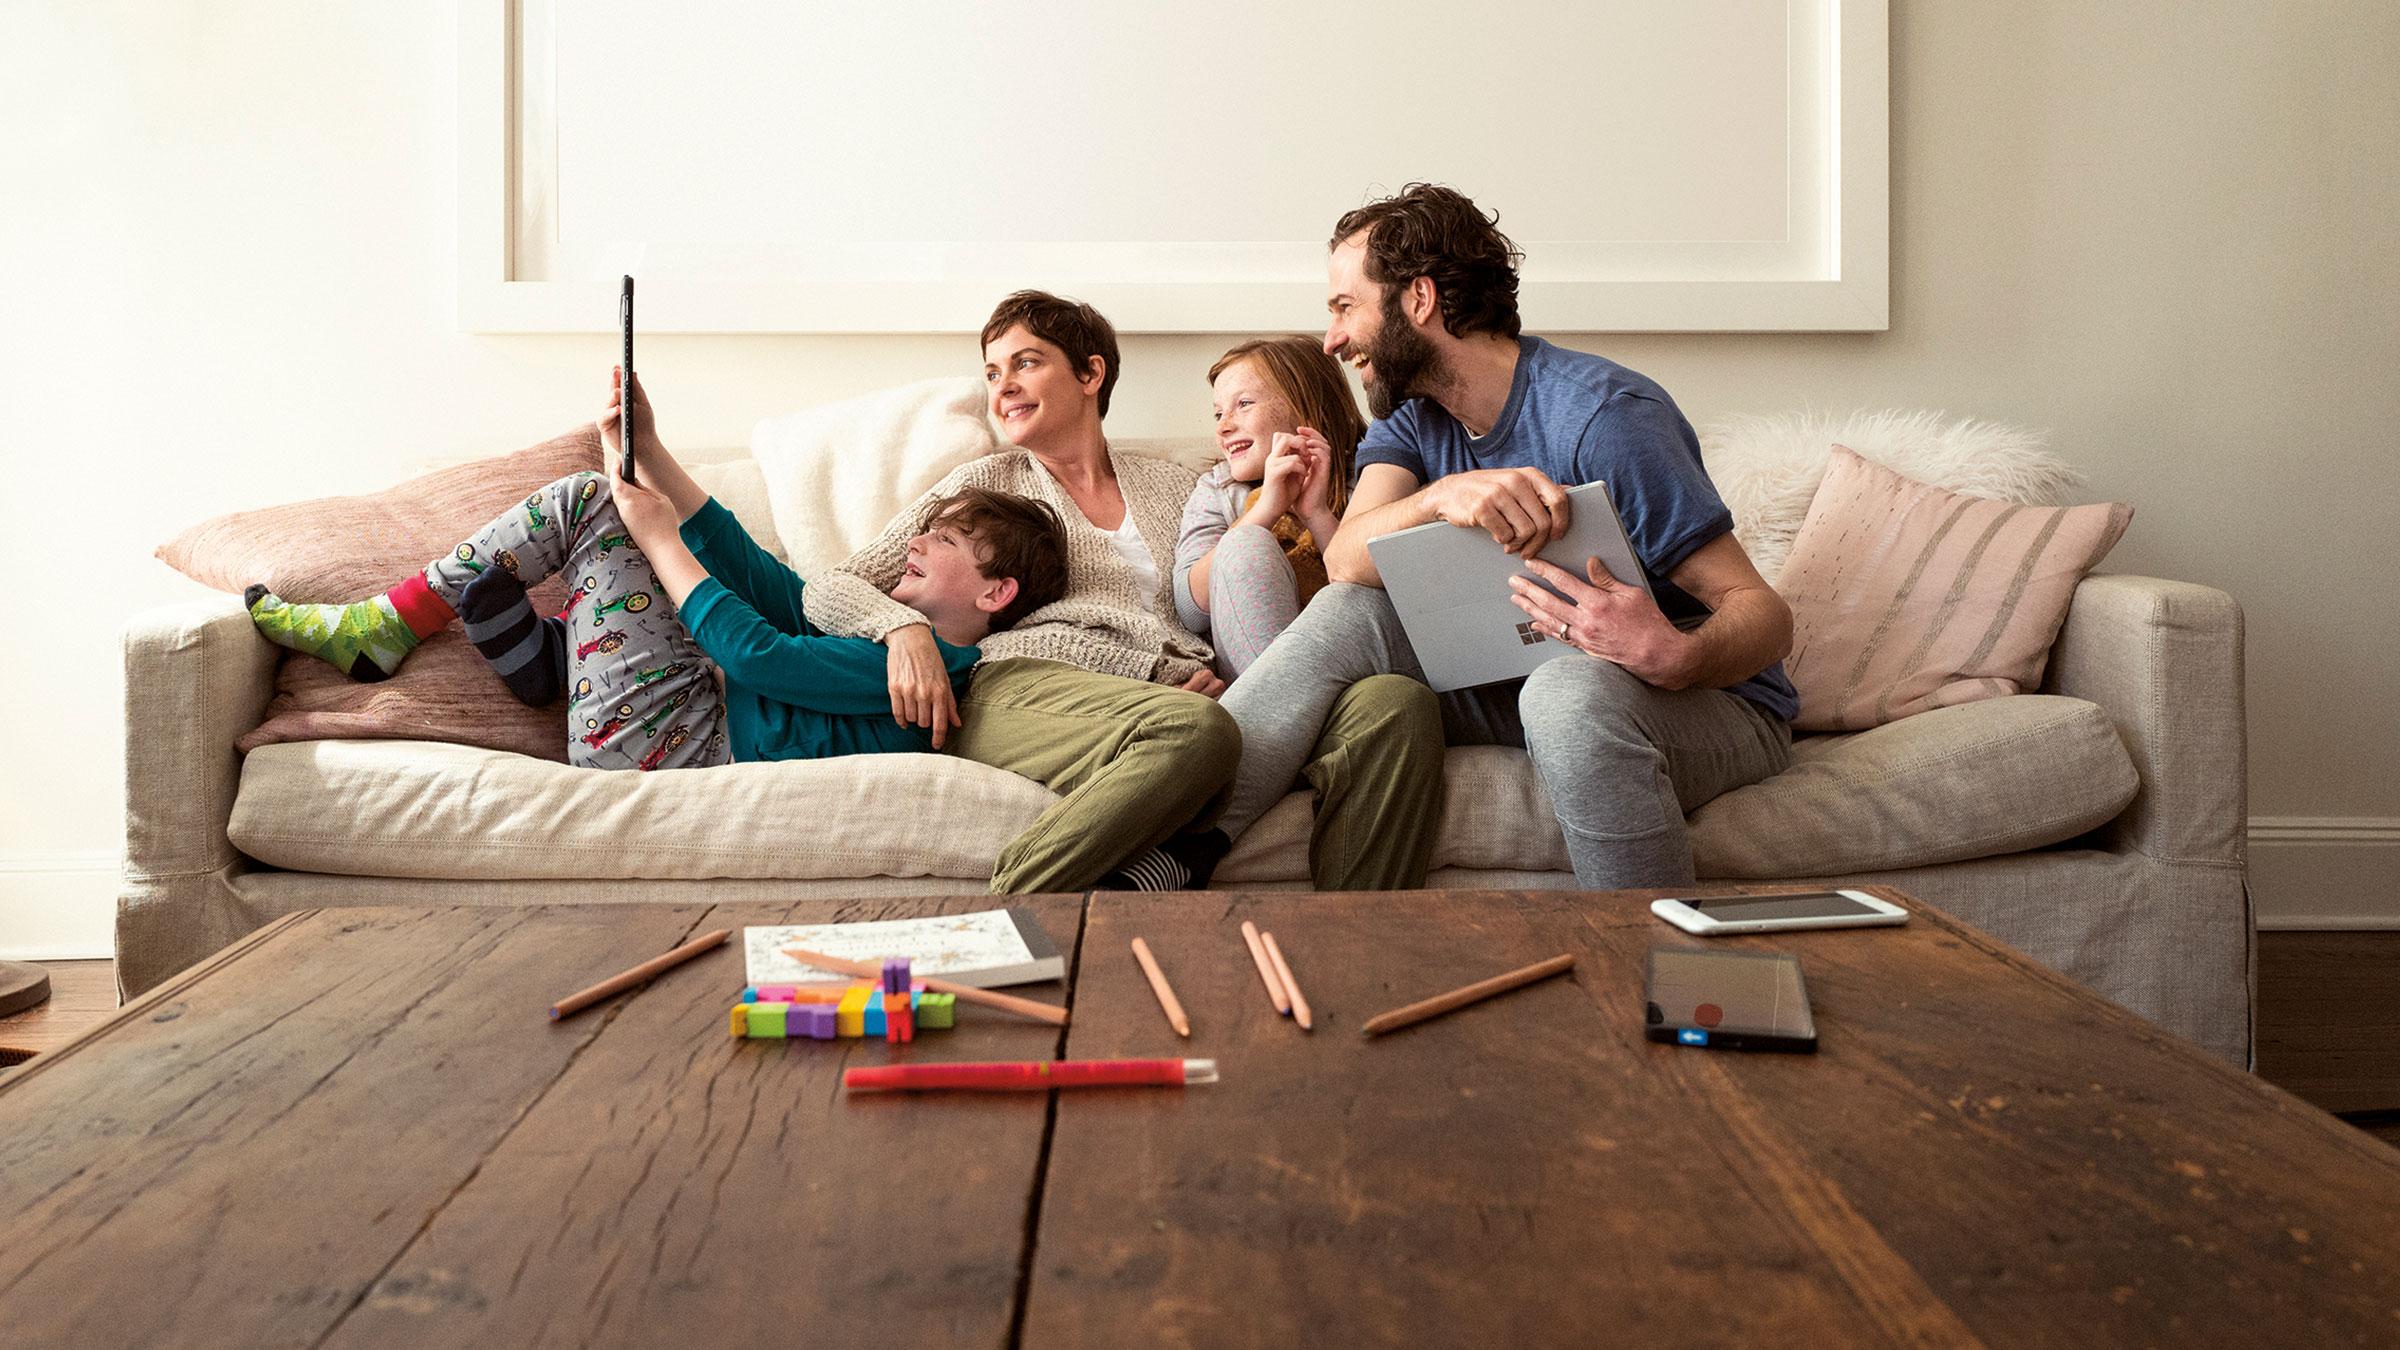 Família em um sofá olhando para um dispositivo Microsoft Surface Pro